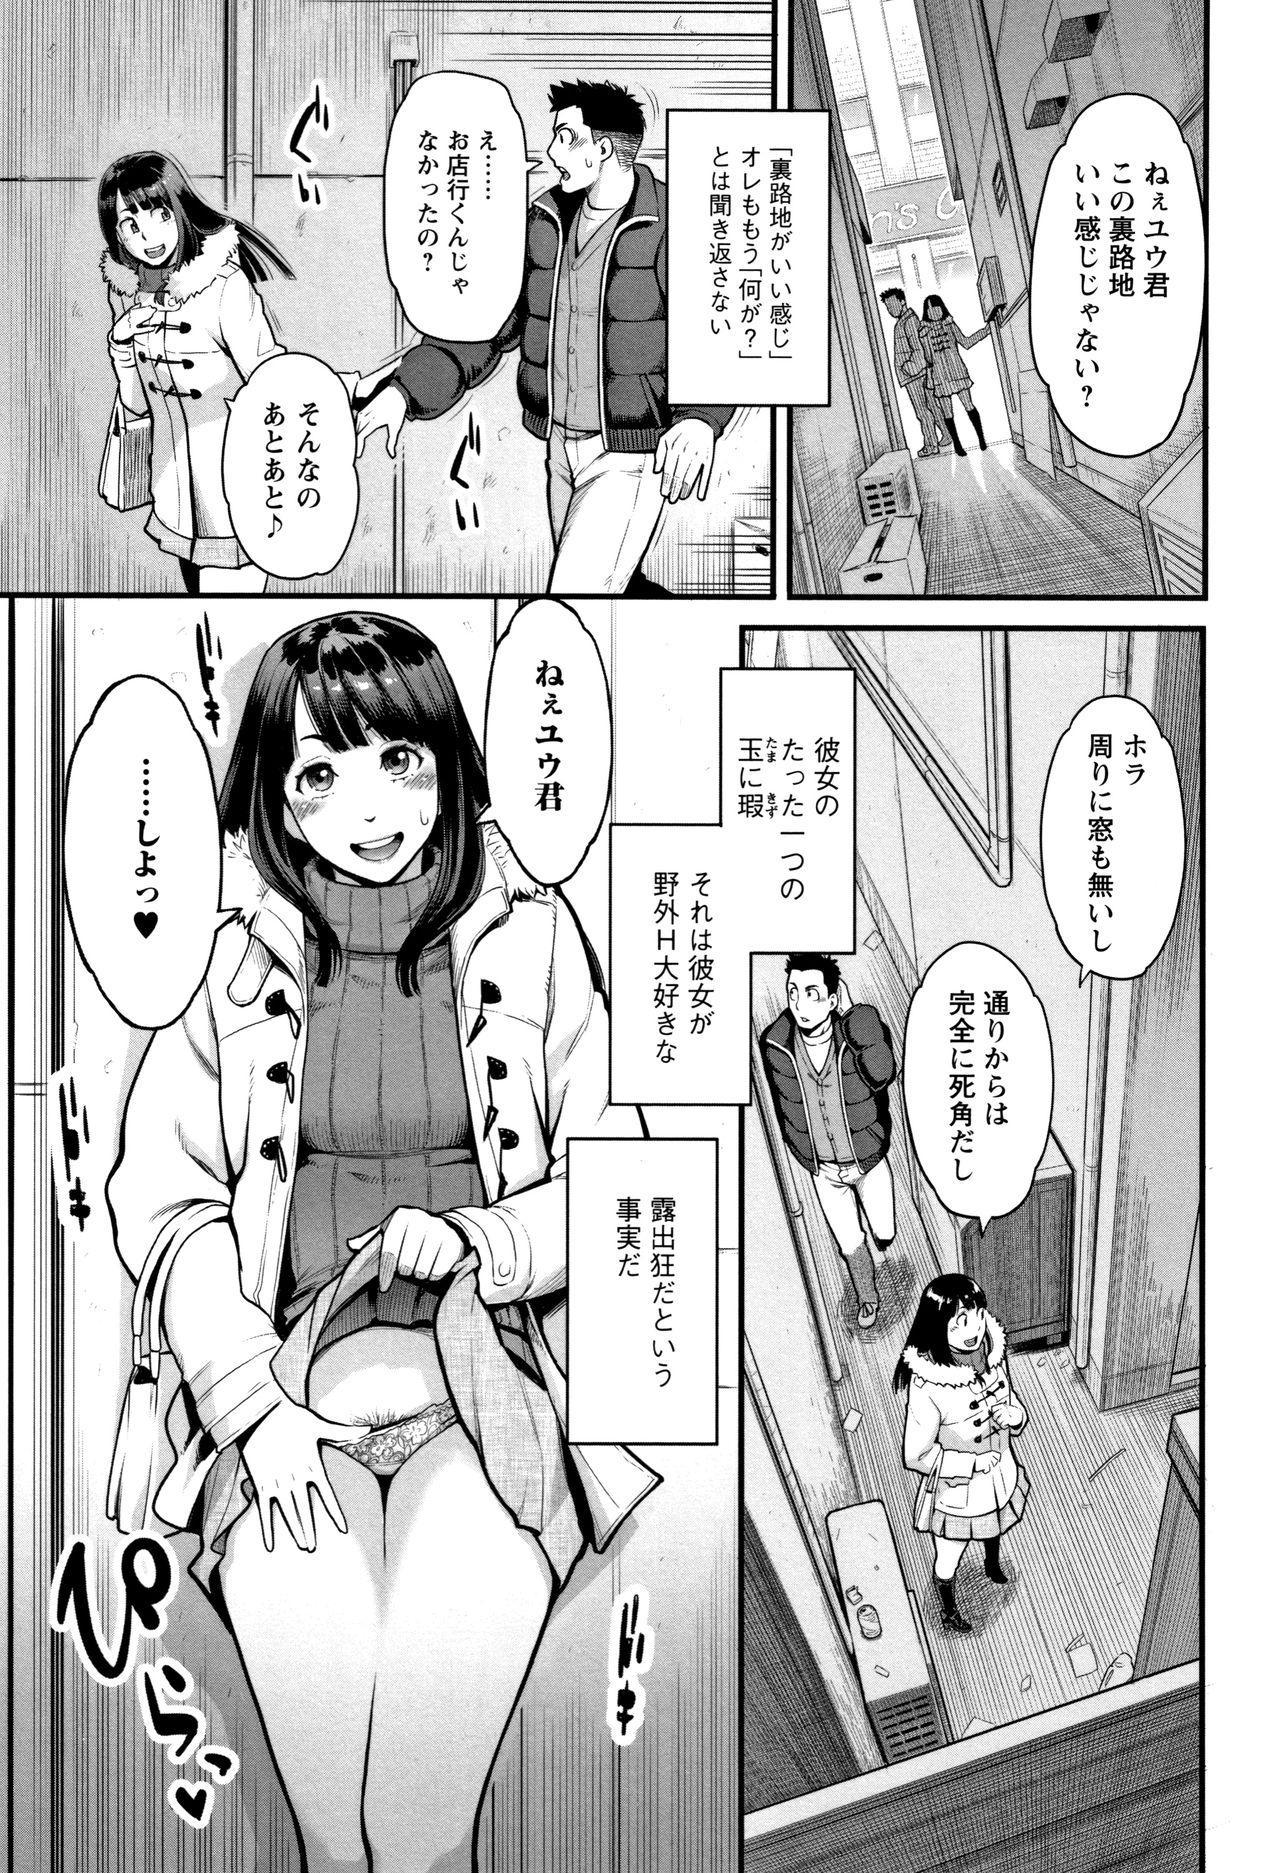 Toketa Risei wa Biyaku no Kaori 83